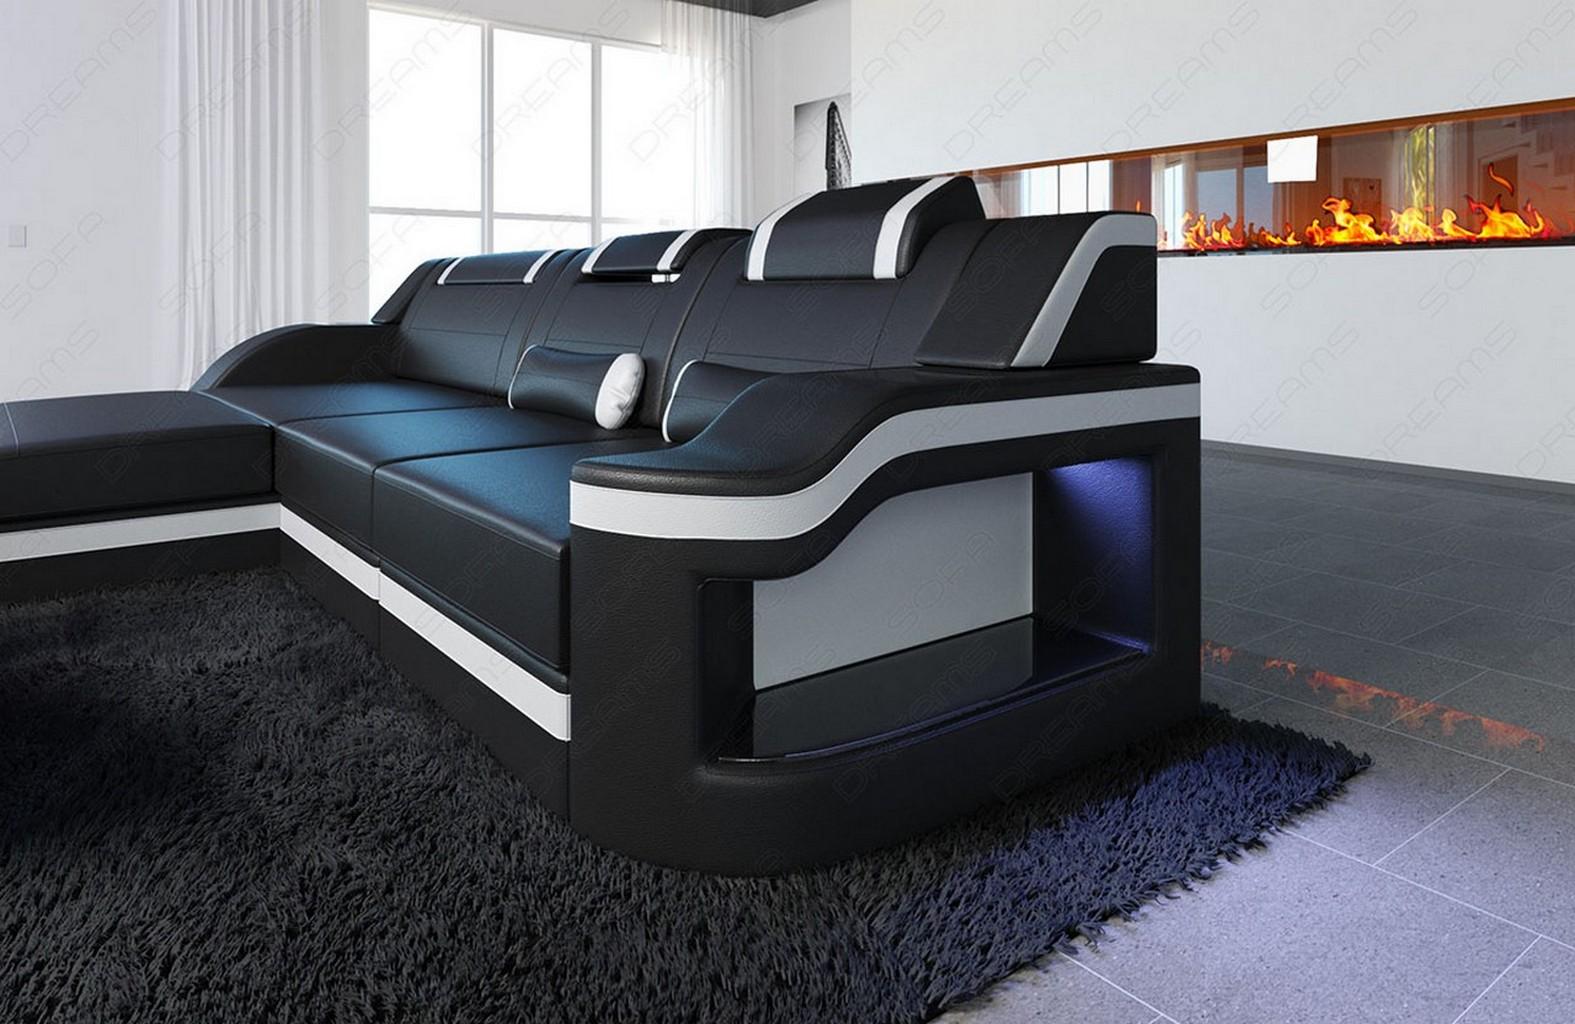 ledersofa schwarz wohndesign und inneneinrichtung. Black Bedroom Furniture Sets. Home Design Ideas